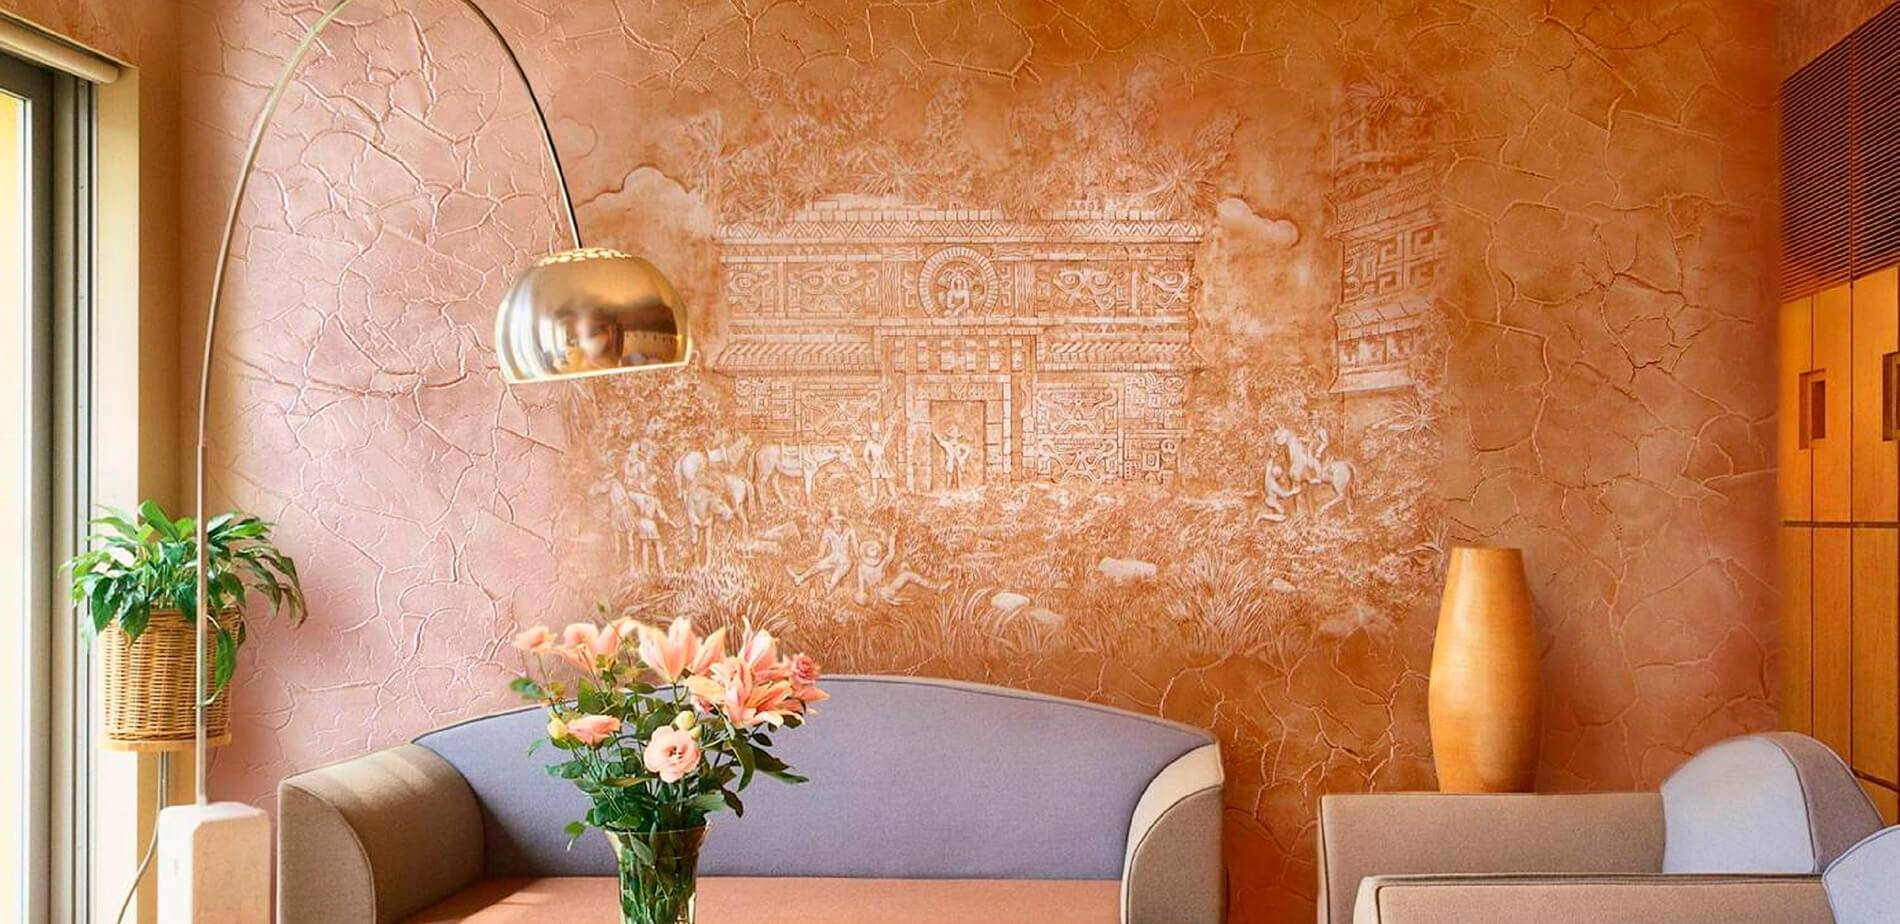 Какую шпатлевку выбрать для стен под обои? какая шпаклёвка лучше для стен под обои